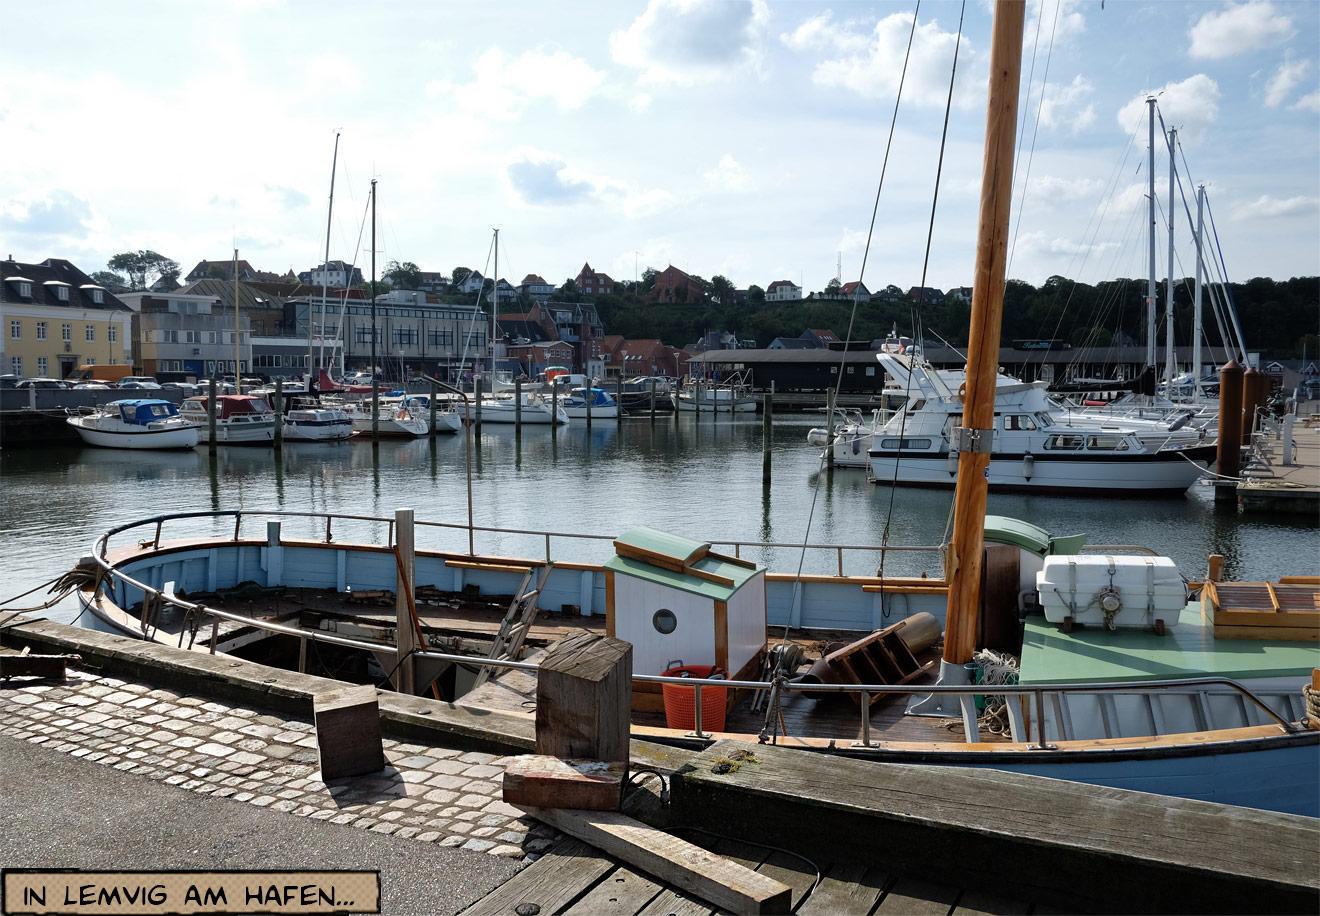 Hafen von Lemvig in Dänemark